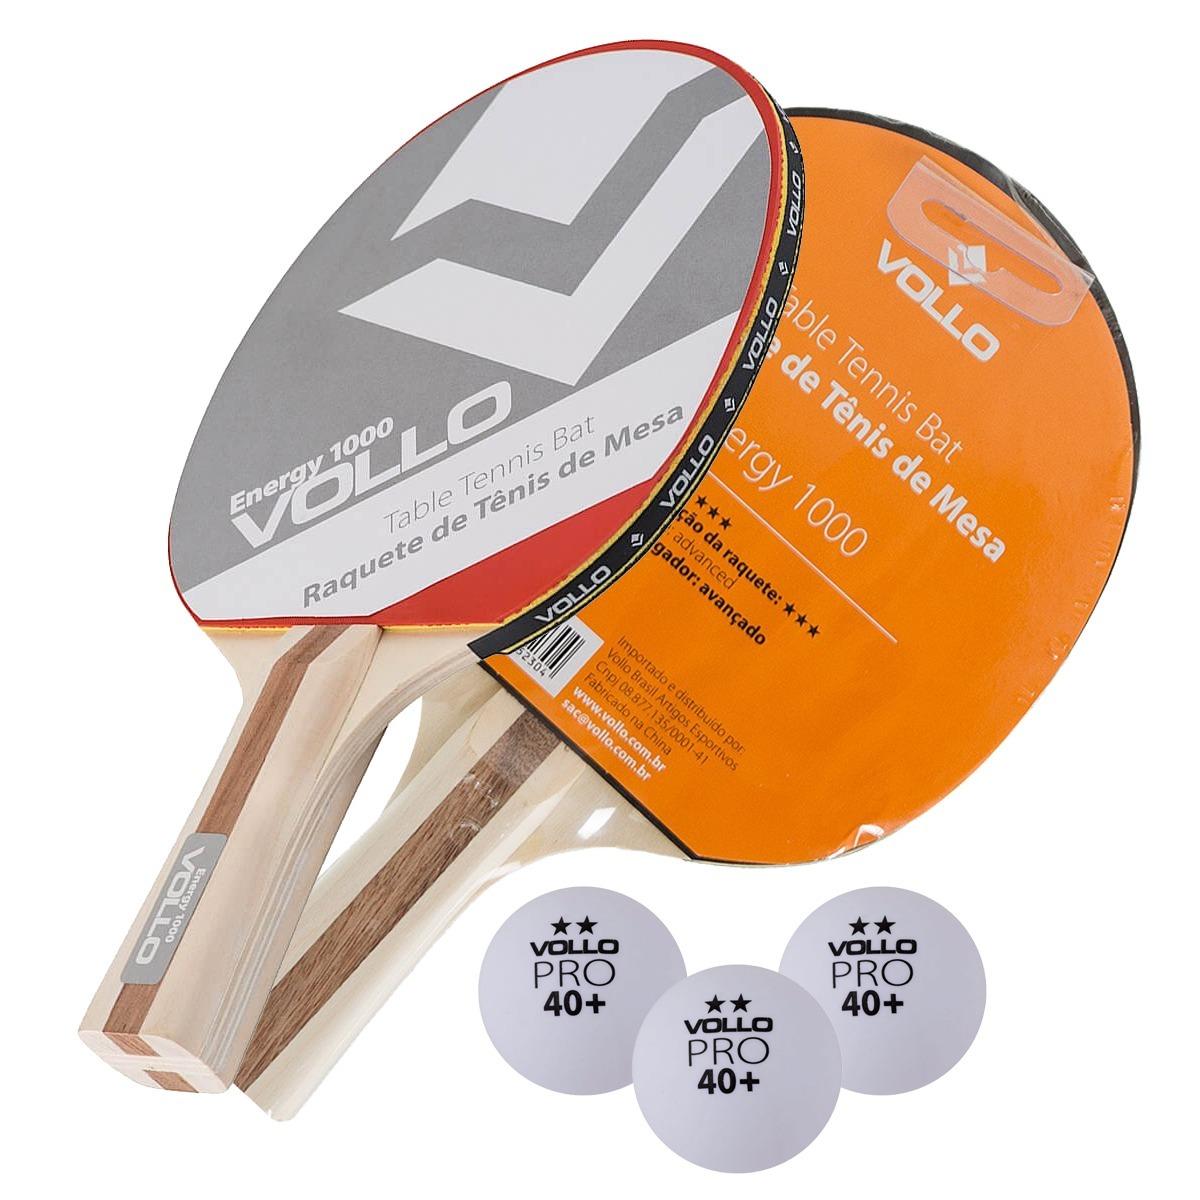 f1d768c4e kit 2 raquete tênis de mesa energy 1000 + 3 bolinhas pro. Carregando zoom.